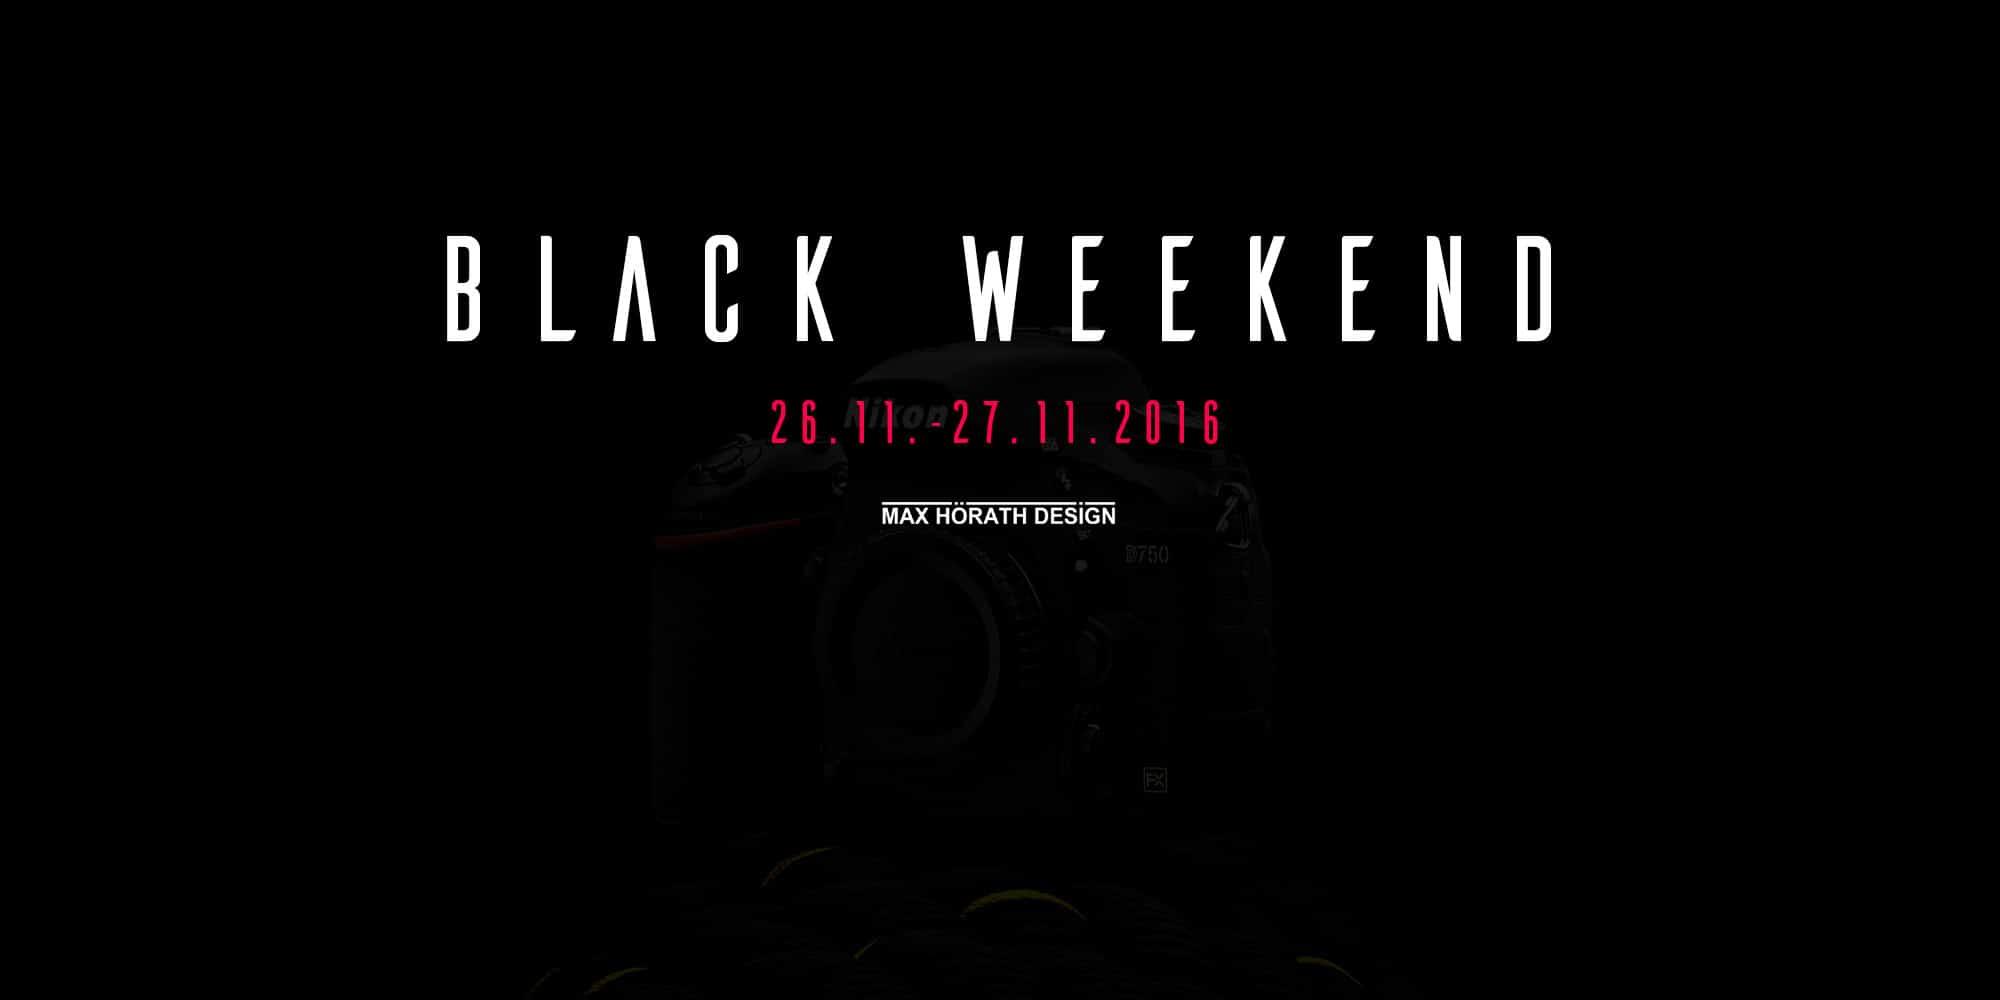 uti volutpat – Nutze das Wochenende – Black Weekend